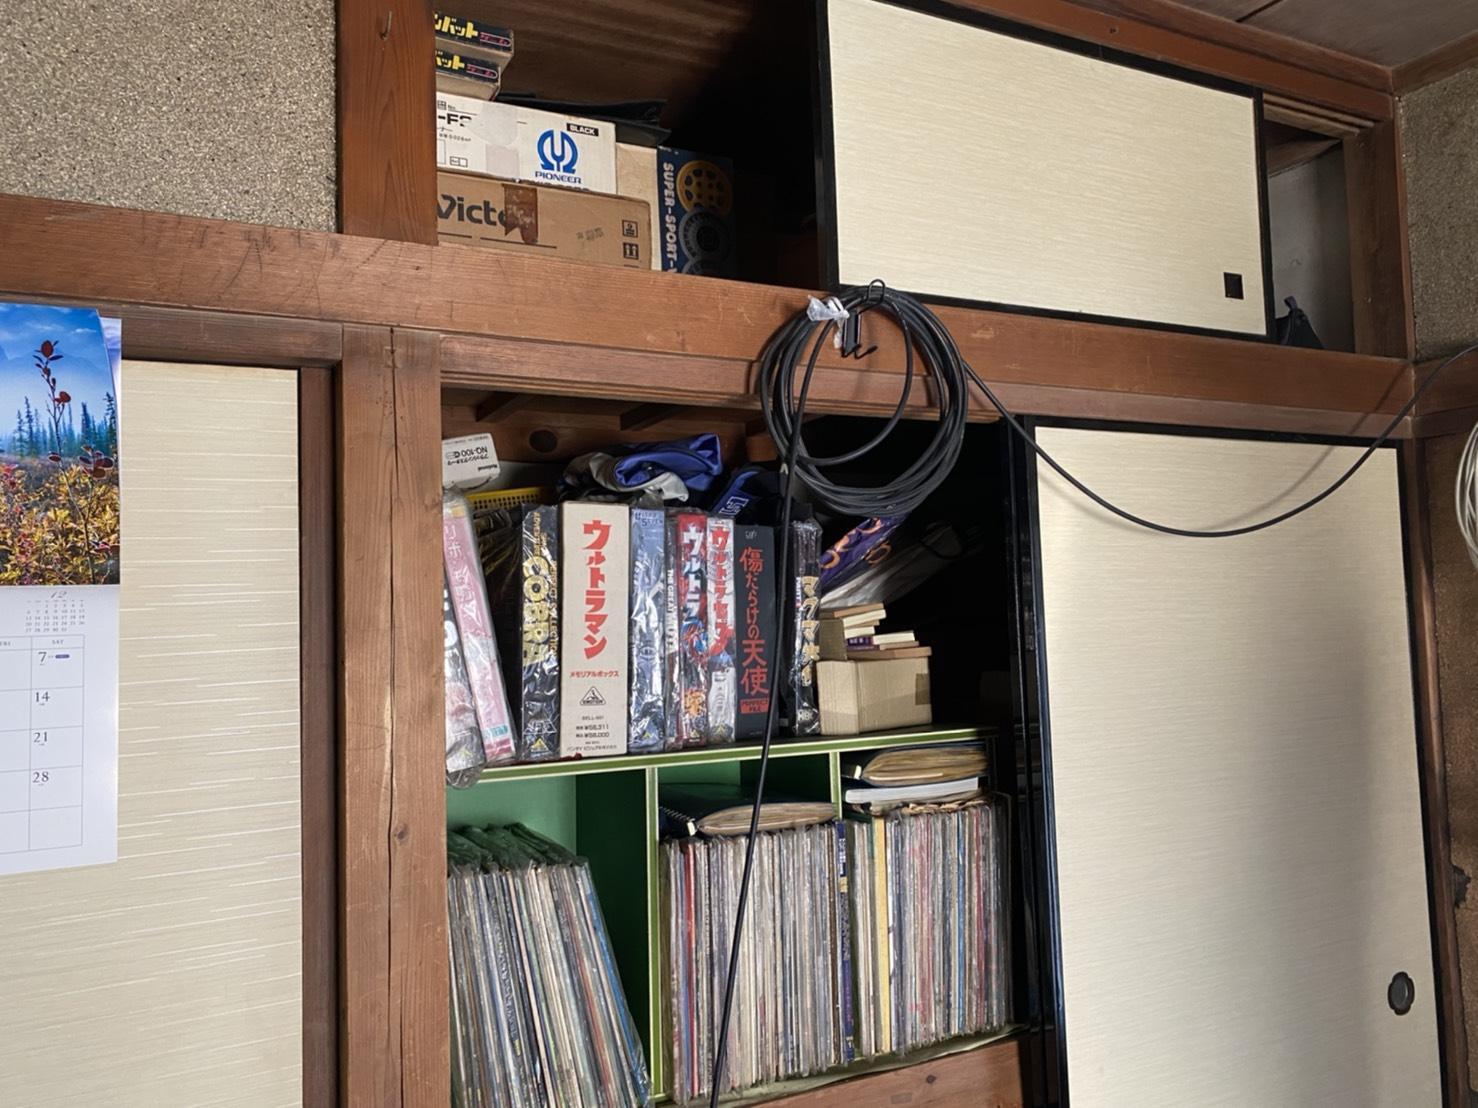 ビデオテープ、本の回収前